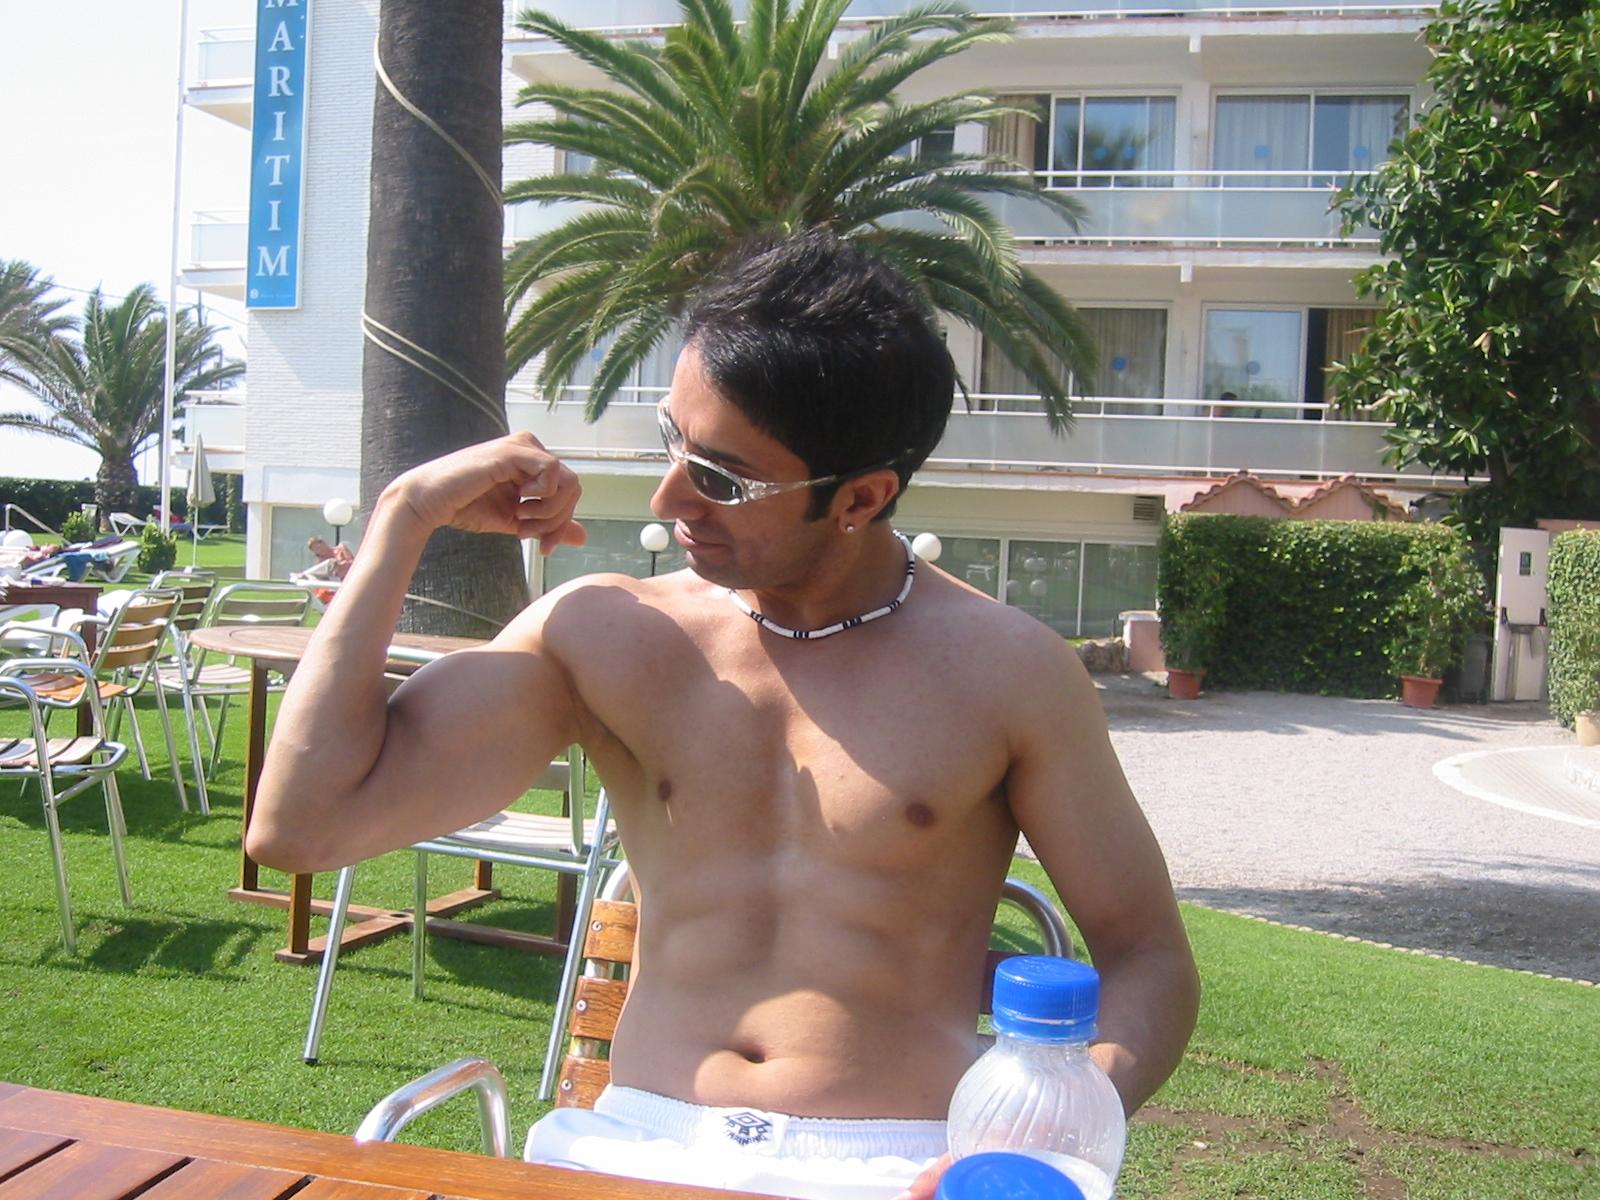 Nackt gay am strand männer Strand